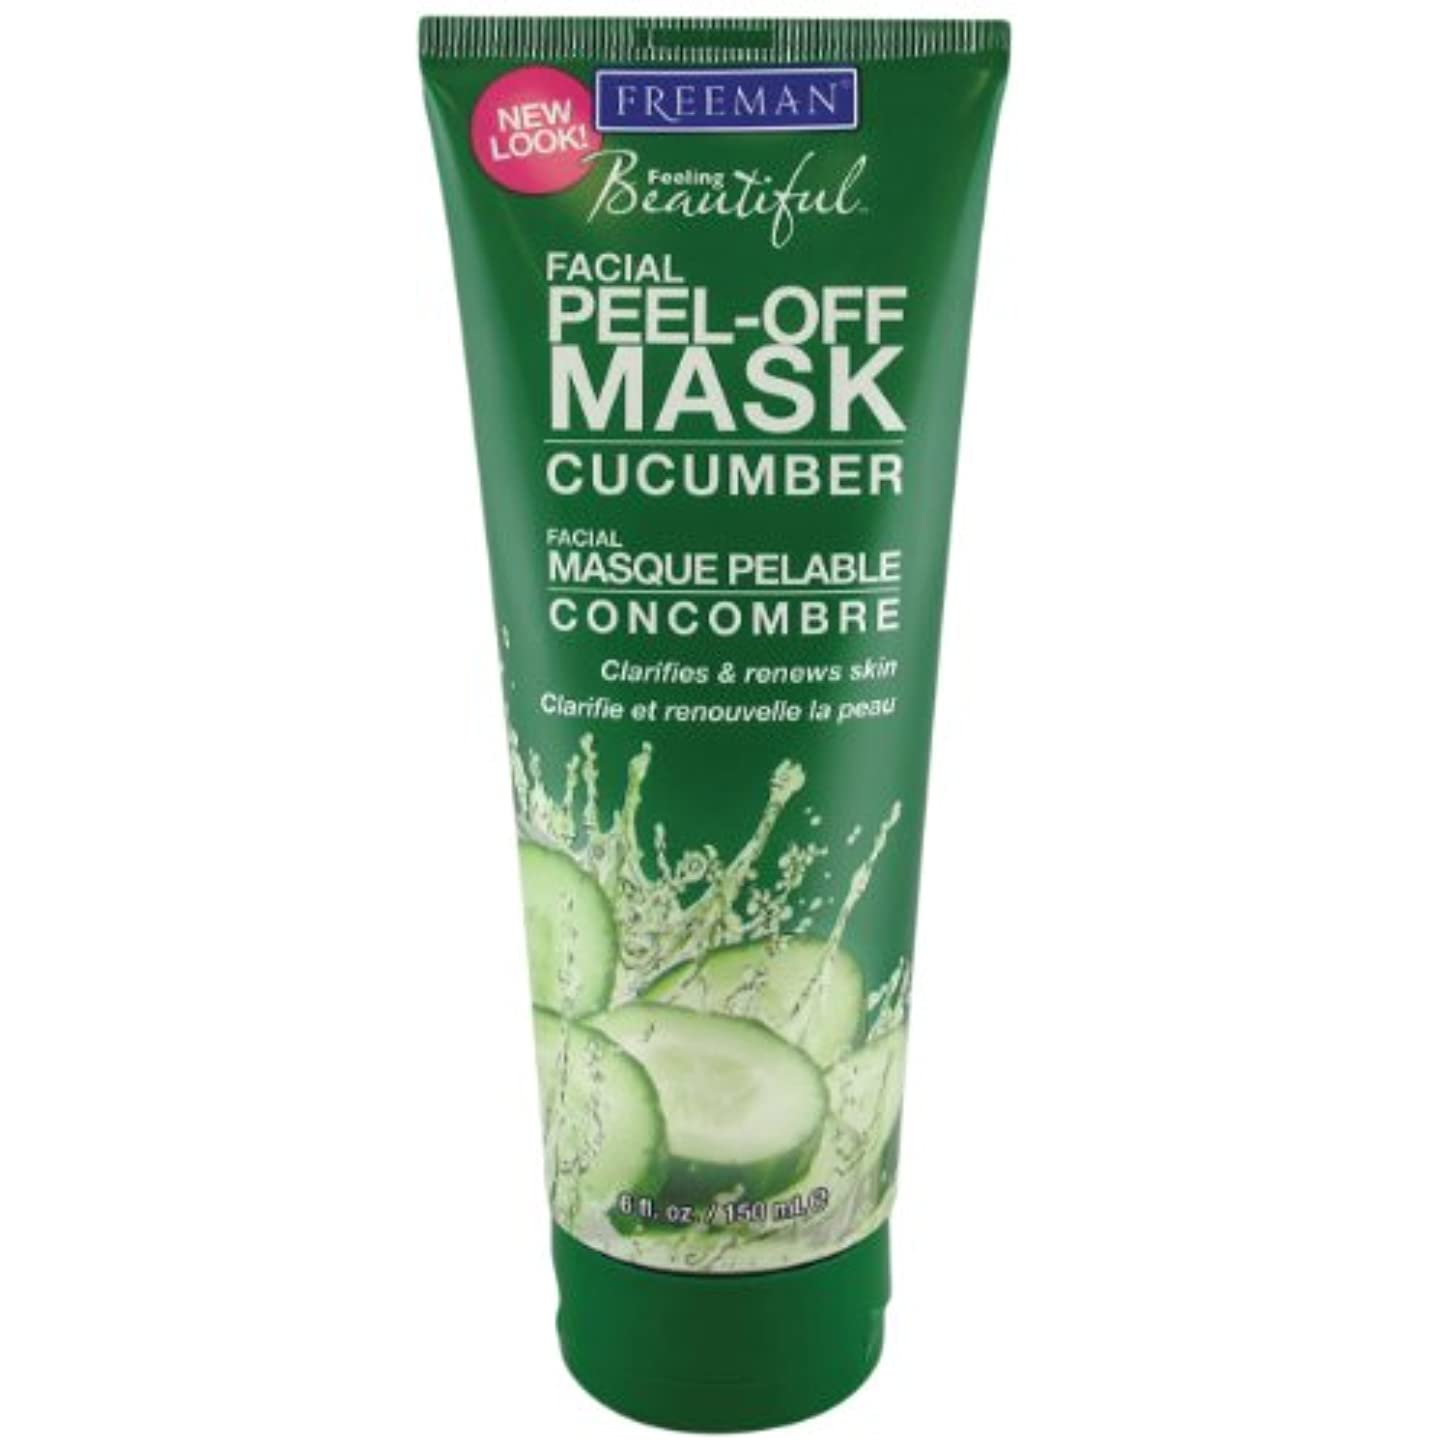 一般的なグローブ第五Freeman Facial Peel-Off Mask Cucumber 150 ml (並行輸入品)